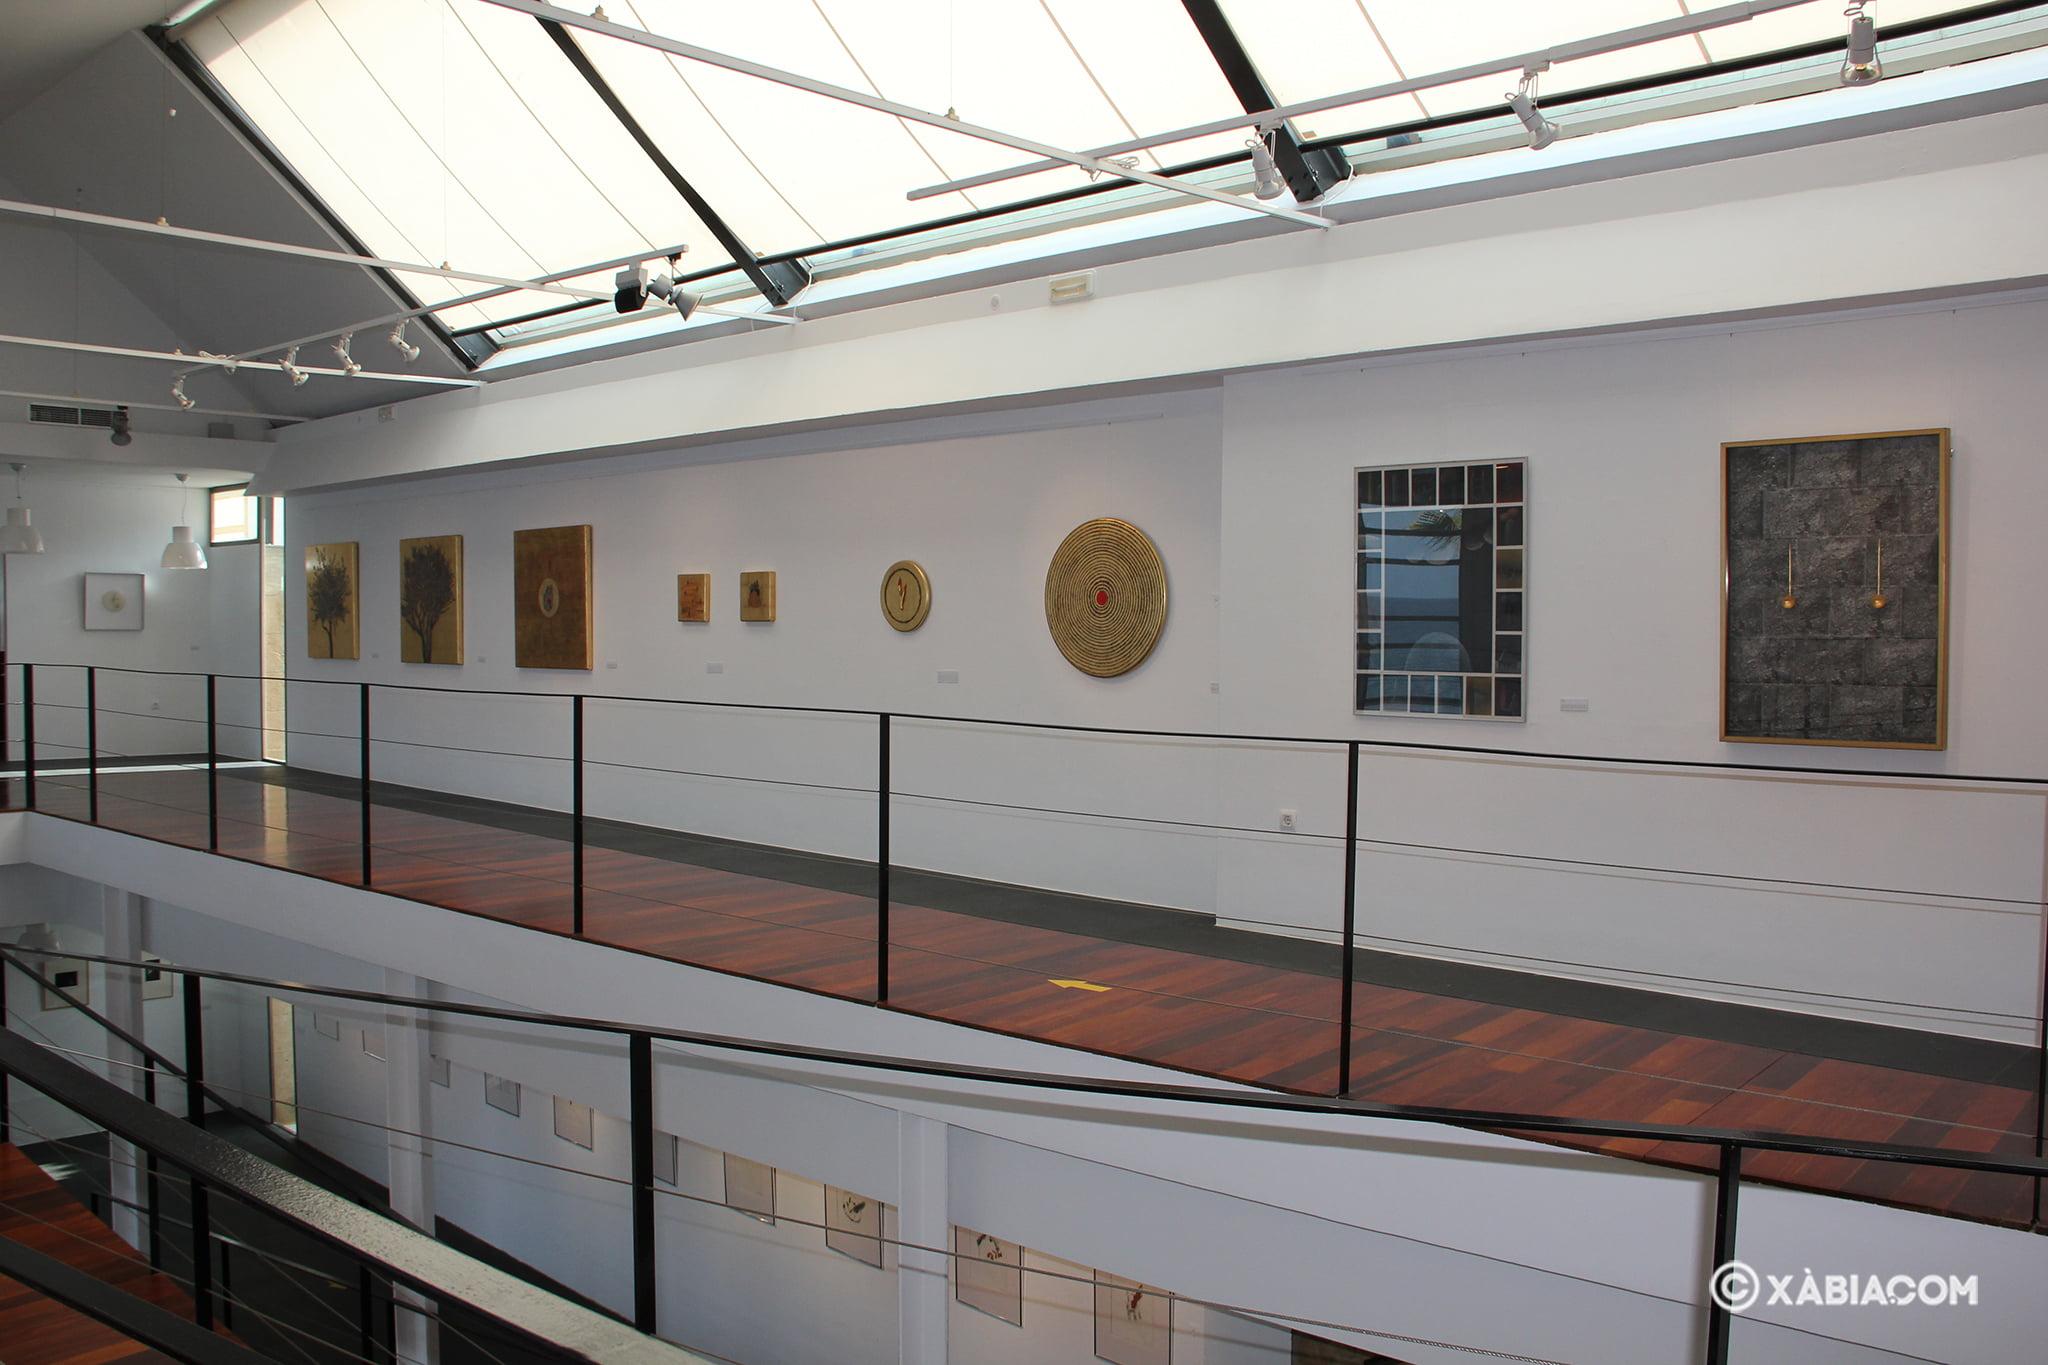 Vista de la planta superior de la sala de exposiciones de la Casa del Cable